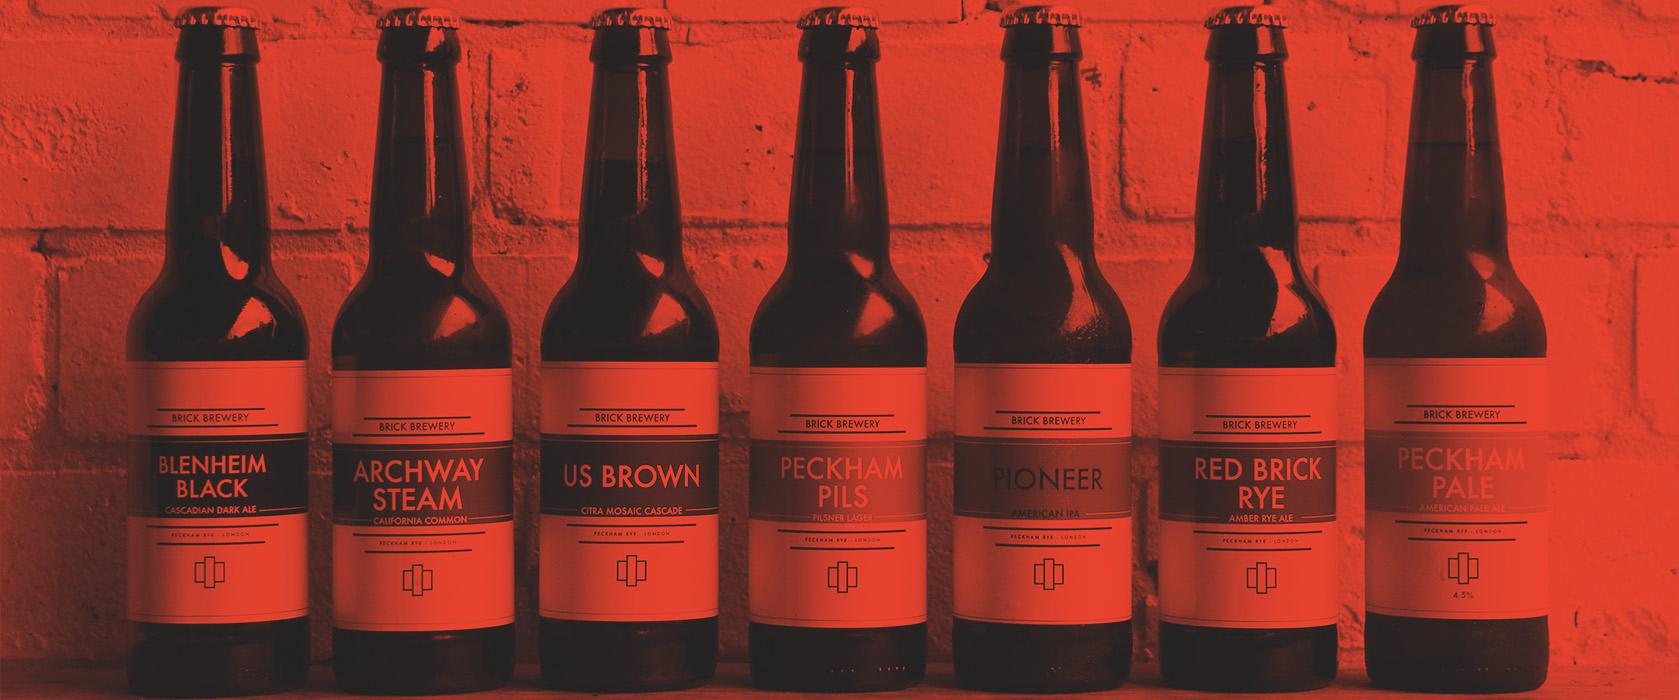 Various bottles of Brick Brewery's Beer